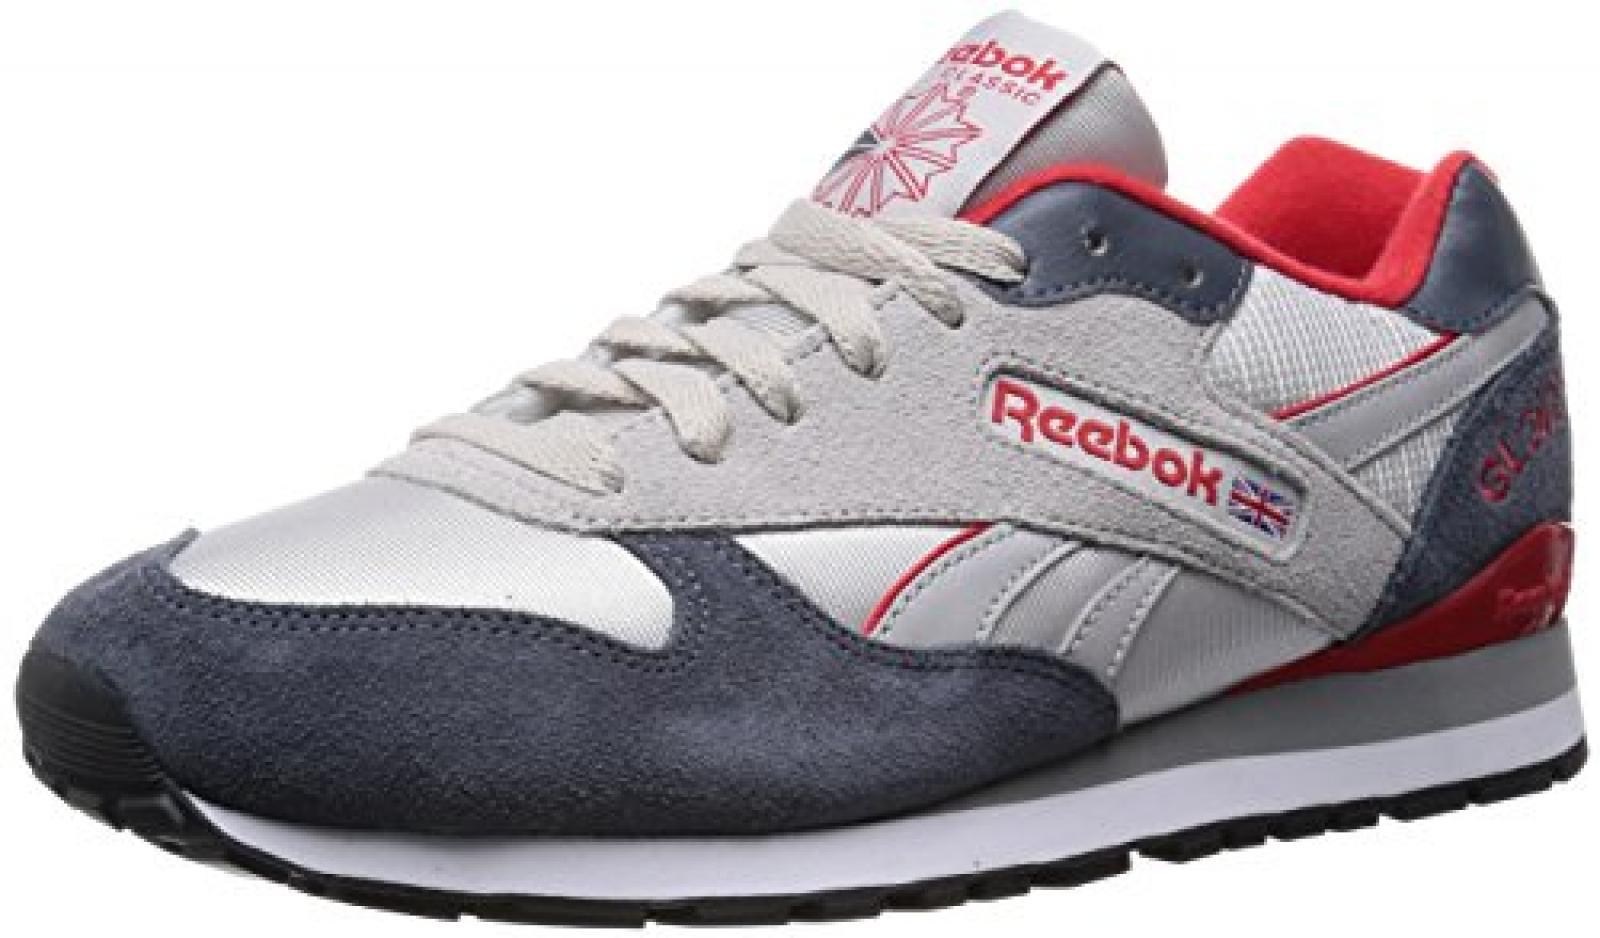 Reebok Gl 2620 Unisex-Erwachsene Sneakers